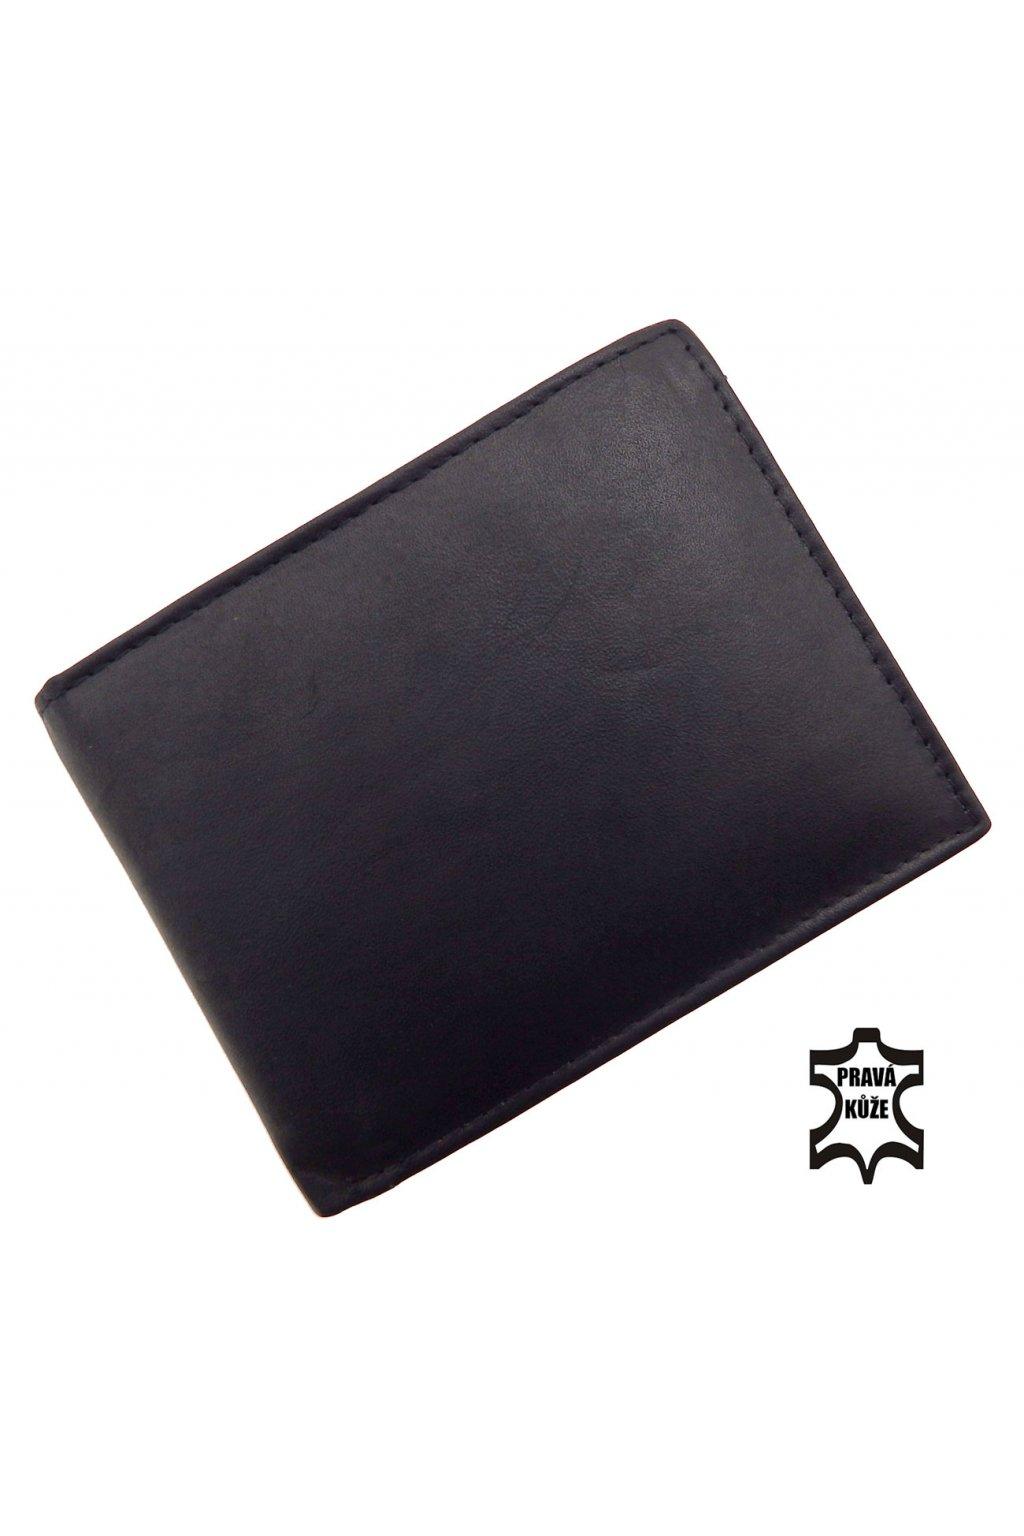 panska kozena penezenka pkp02 rp 09 c